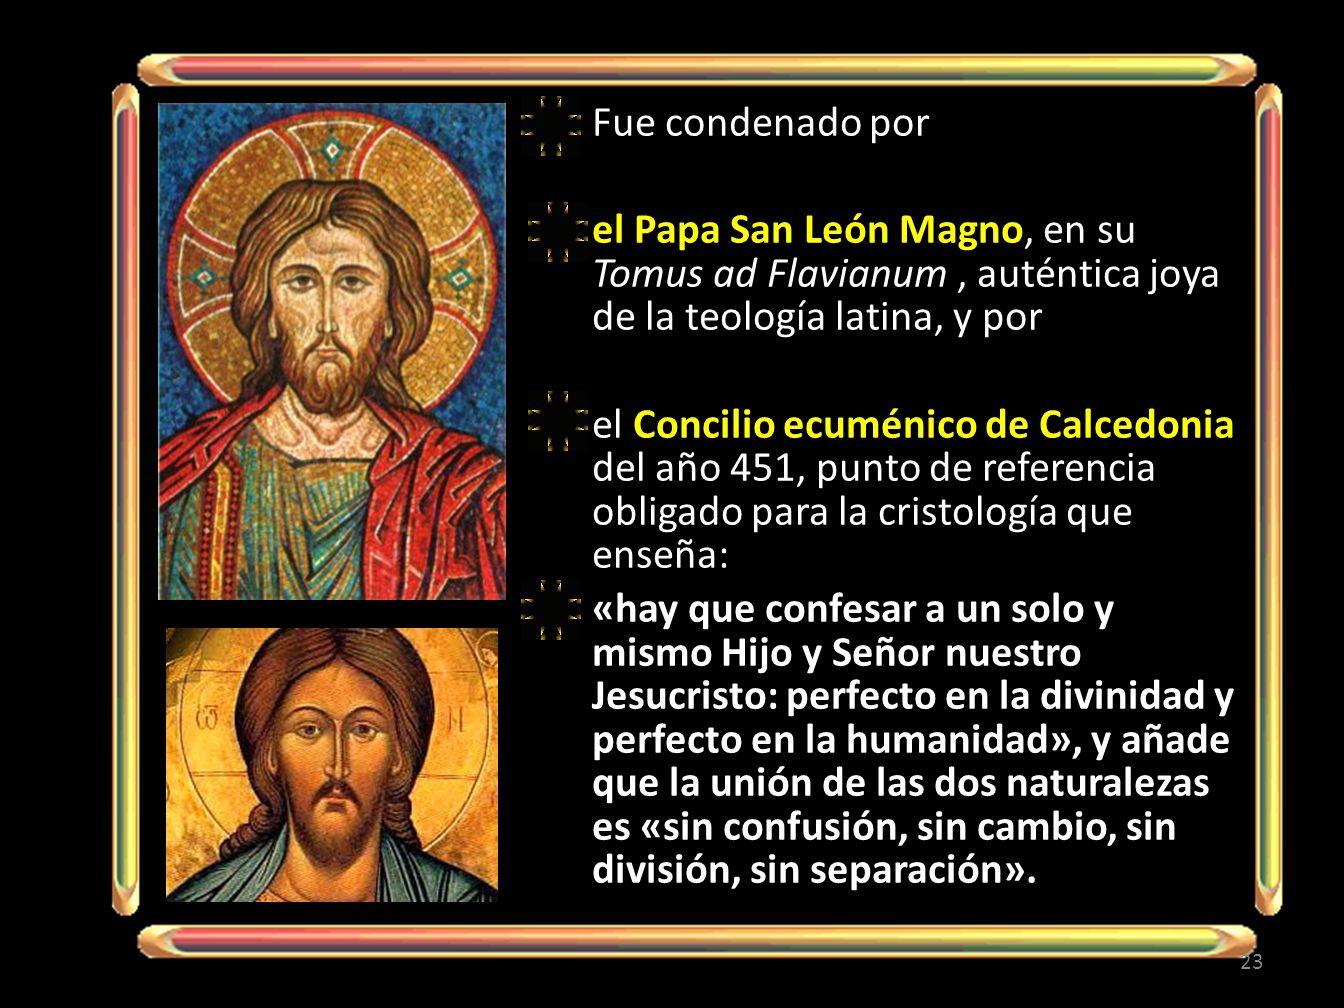 Fue condenado por el Papa San León Magno, en su Tomus ad Flavianum , auténtica joya de la teología latina, y por.